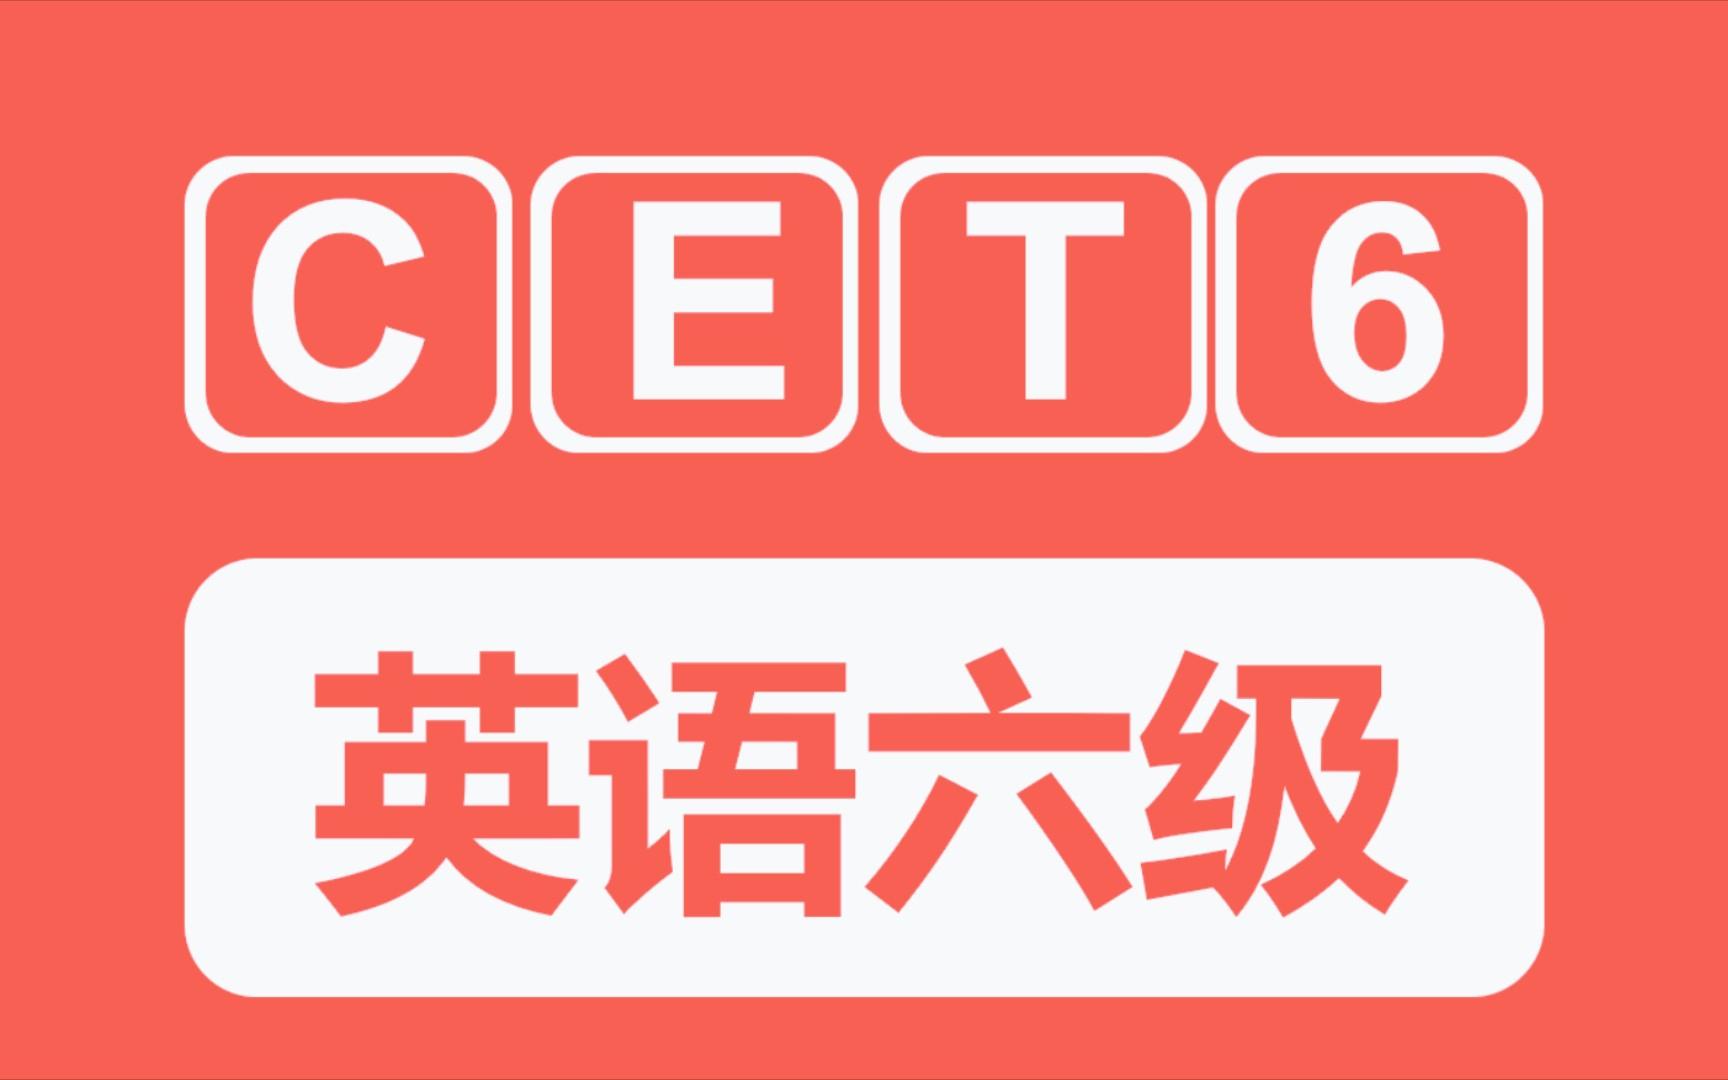 【2021英语六级CET6】最新英语六级听力合集 | 双语字幕 | 带选项(超清)